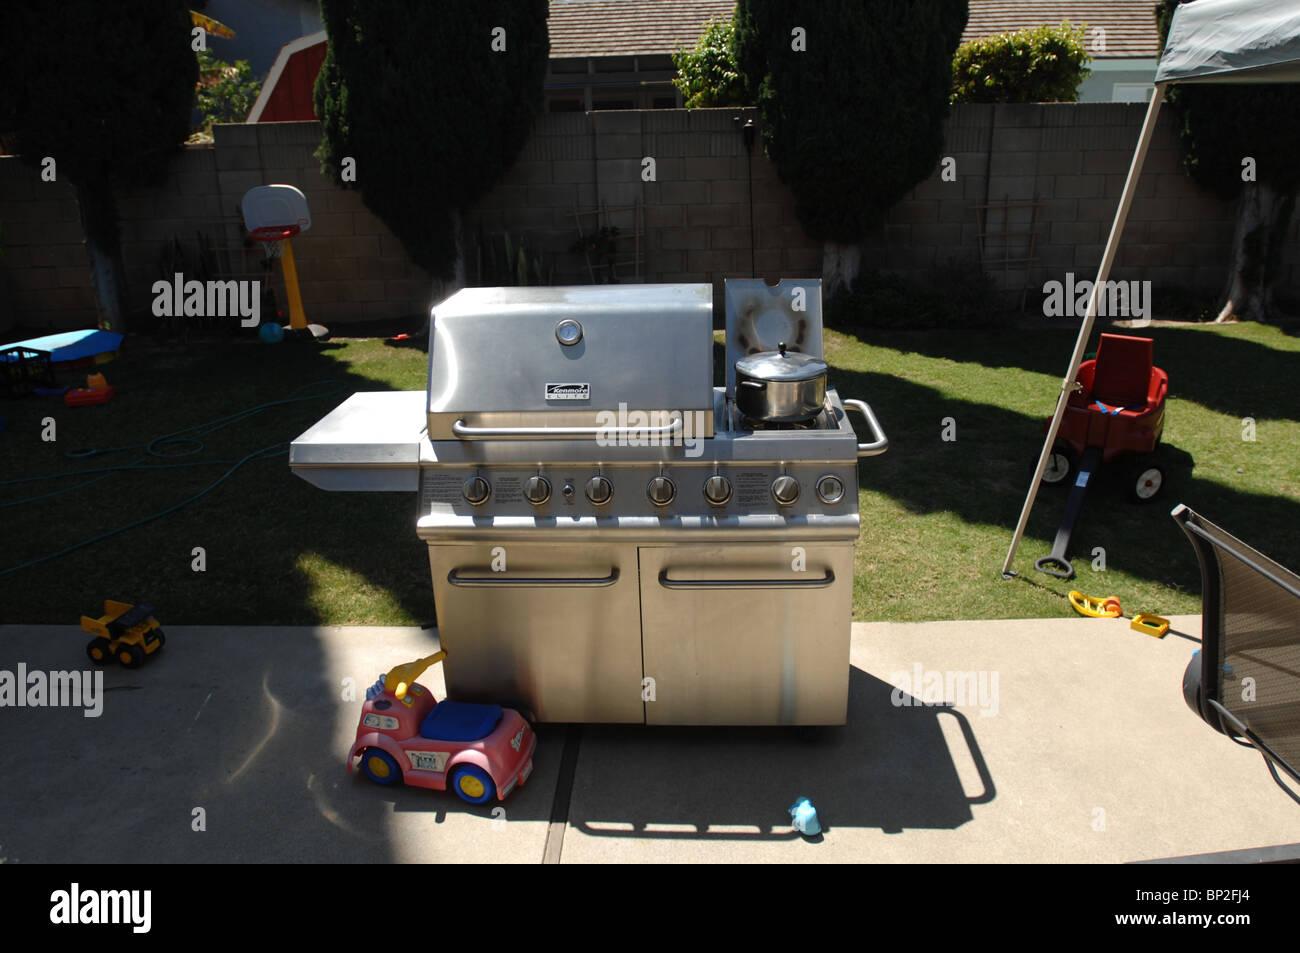 Außenküche Mit Grill : Außenküche grill stockfoto bild: 30788972 alamy